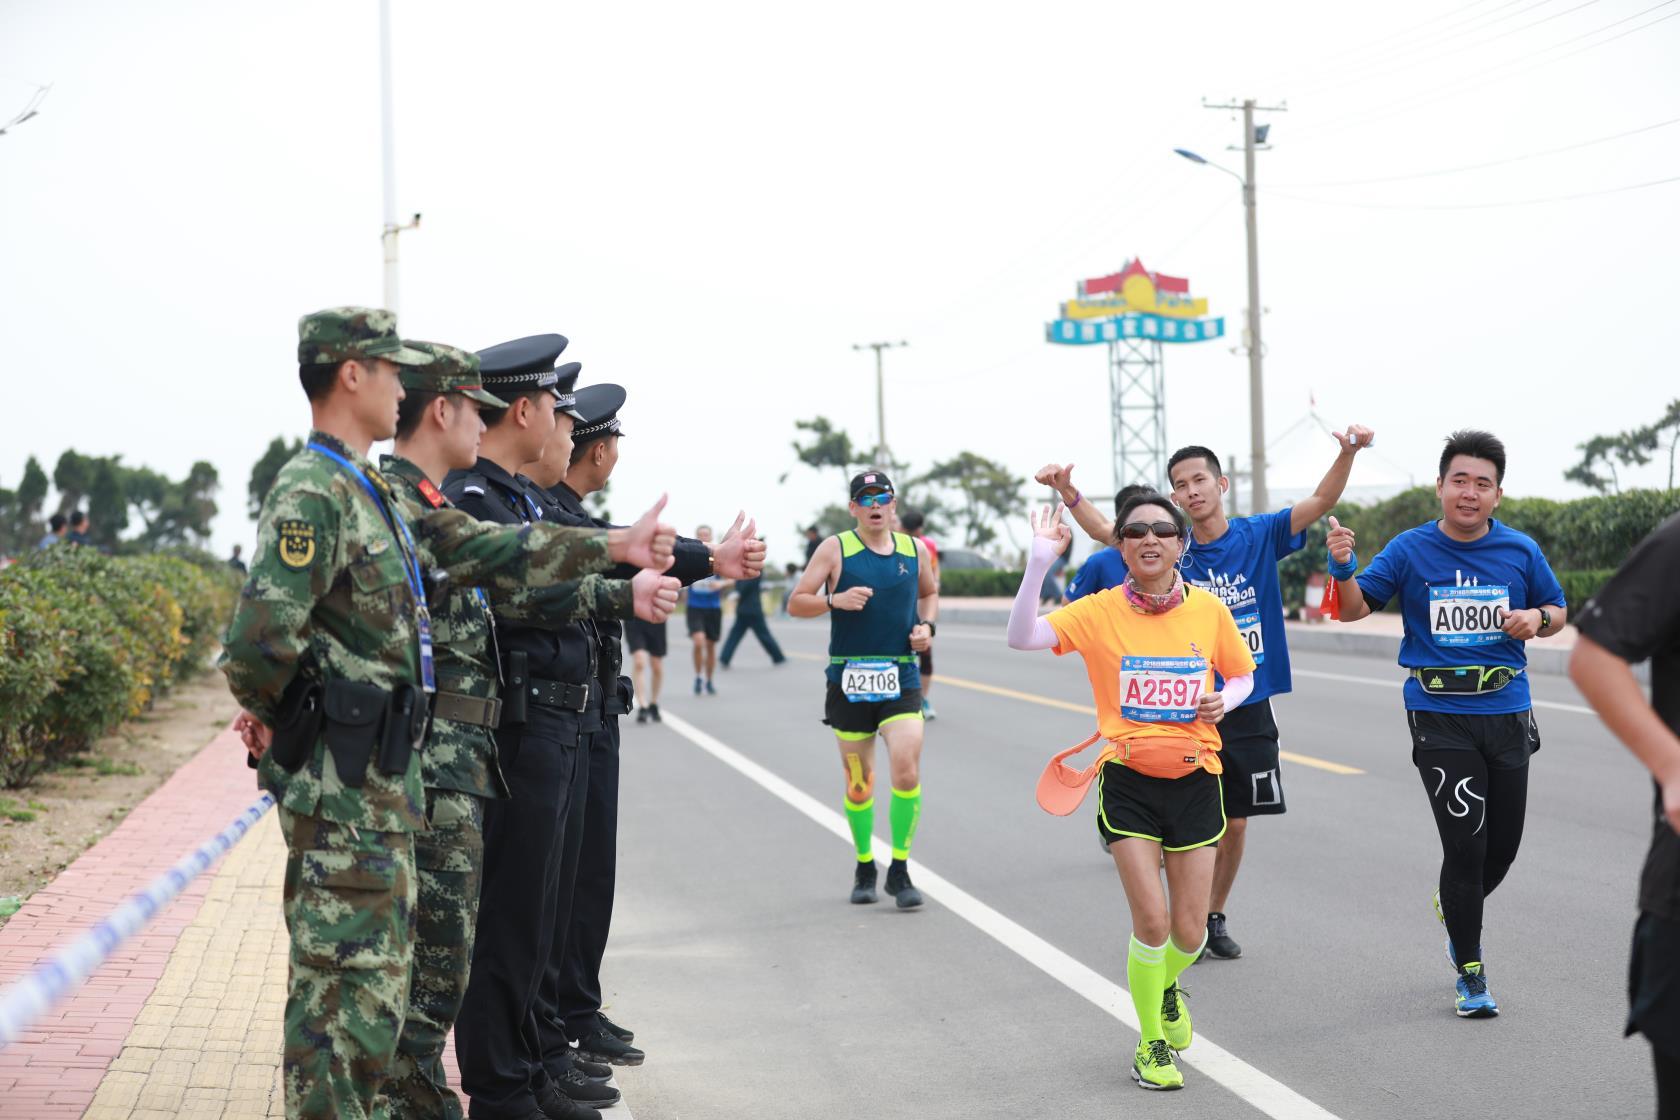 日照山海天公安分局助力2018日照国际马拉松顺利完赛